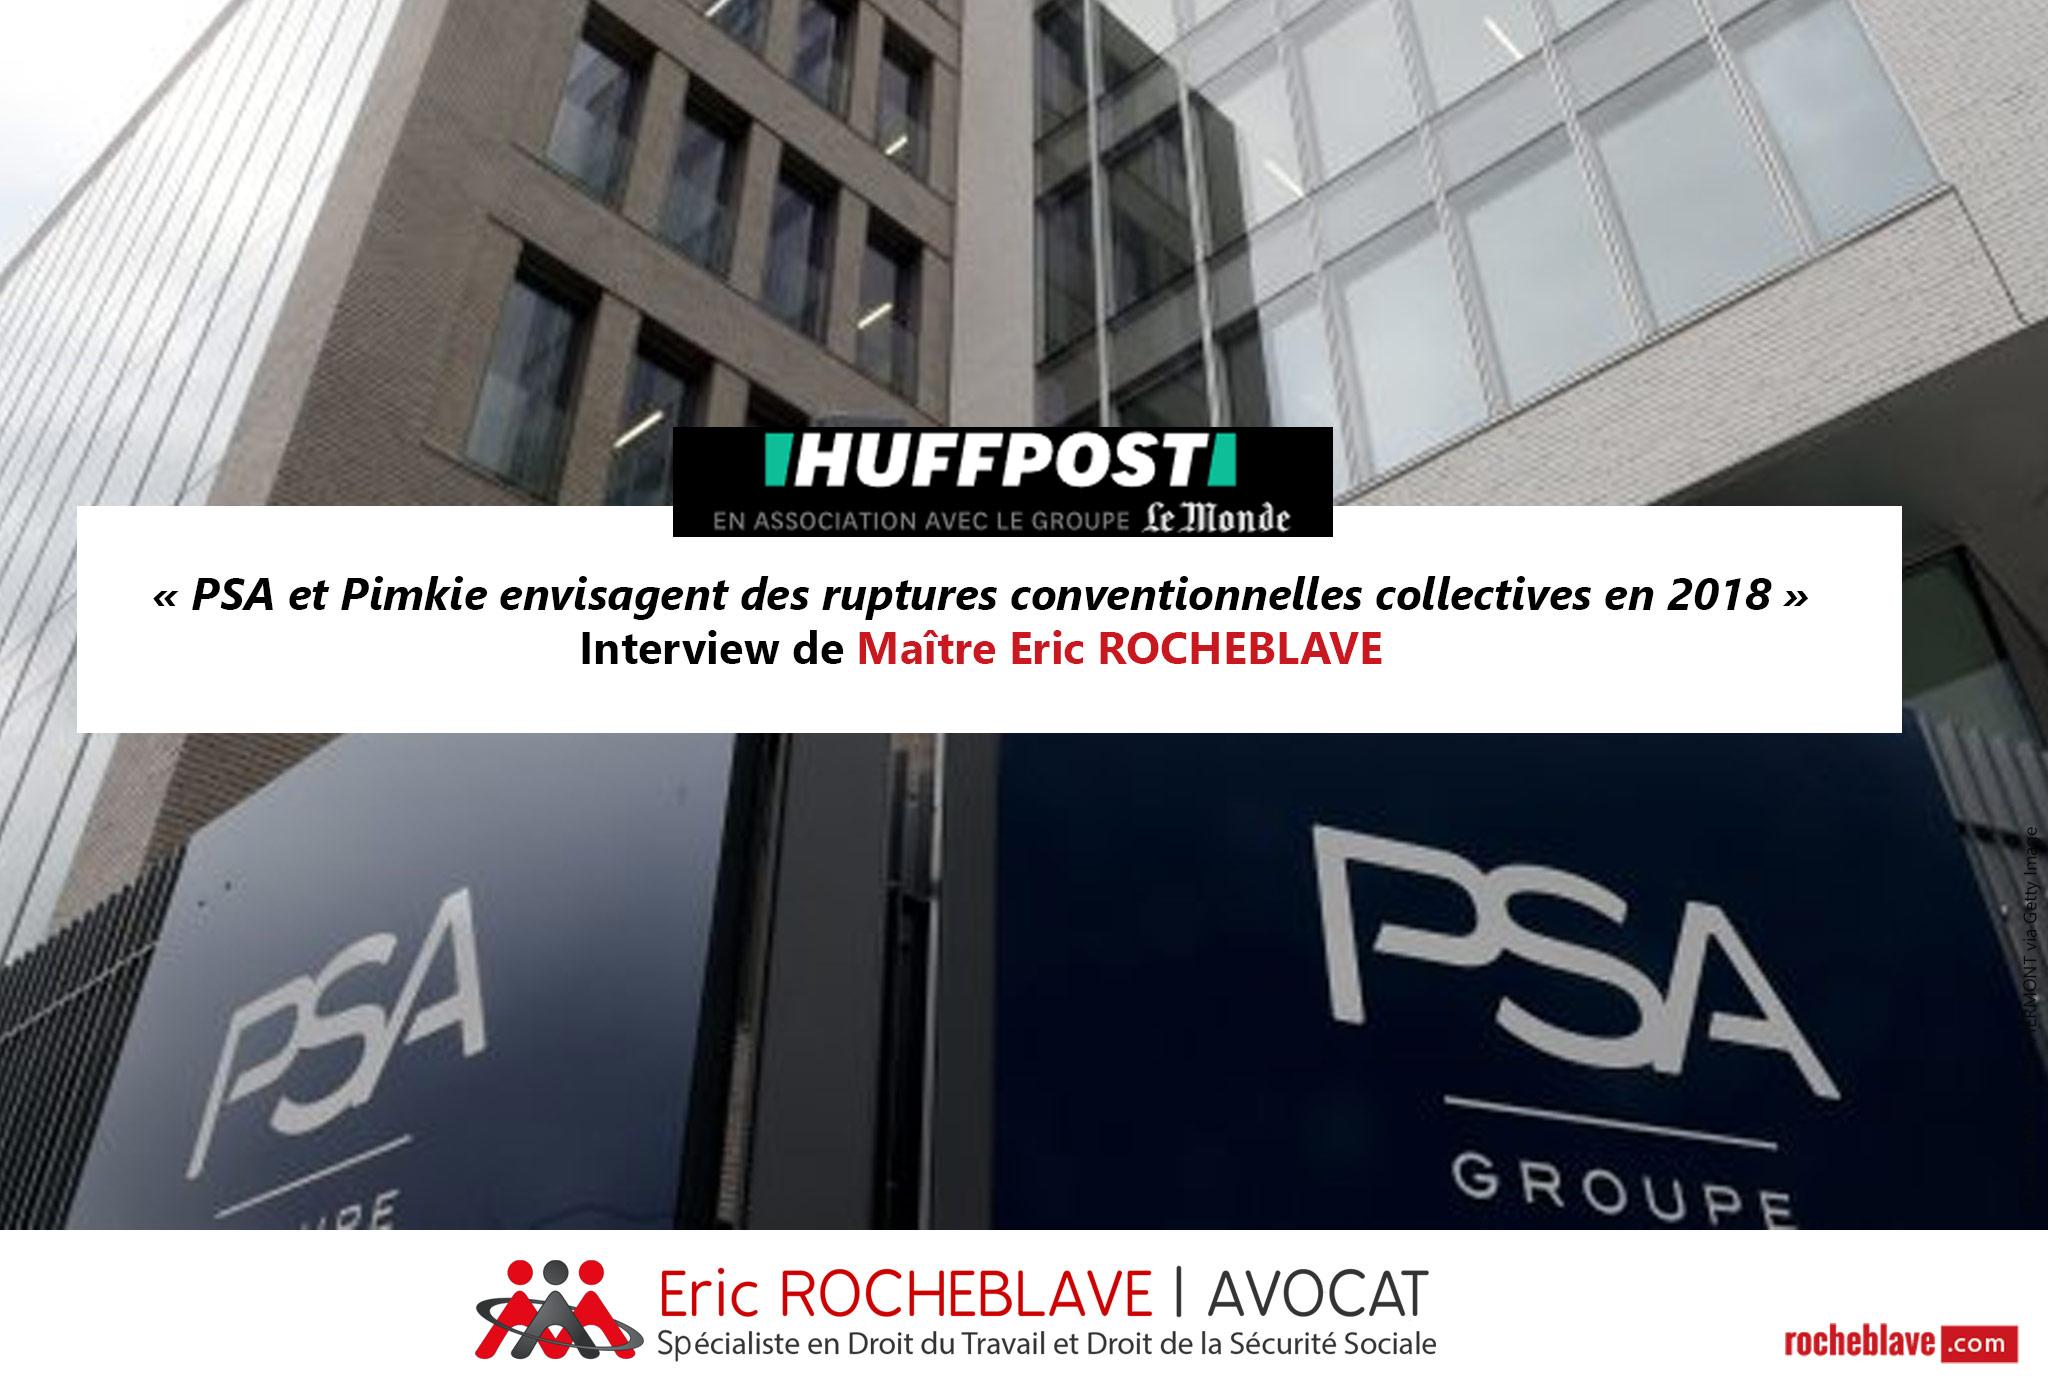 « PSA et Pimkie envisagent des ruptures conventionnelles collectives en 2018 » Interview de Maître Eric ROCHEBLAVE | HUFFPOST